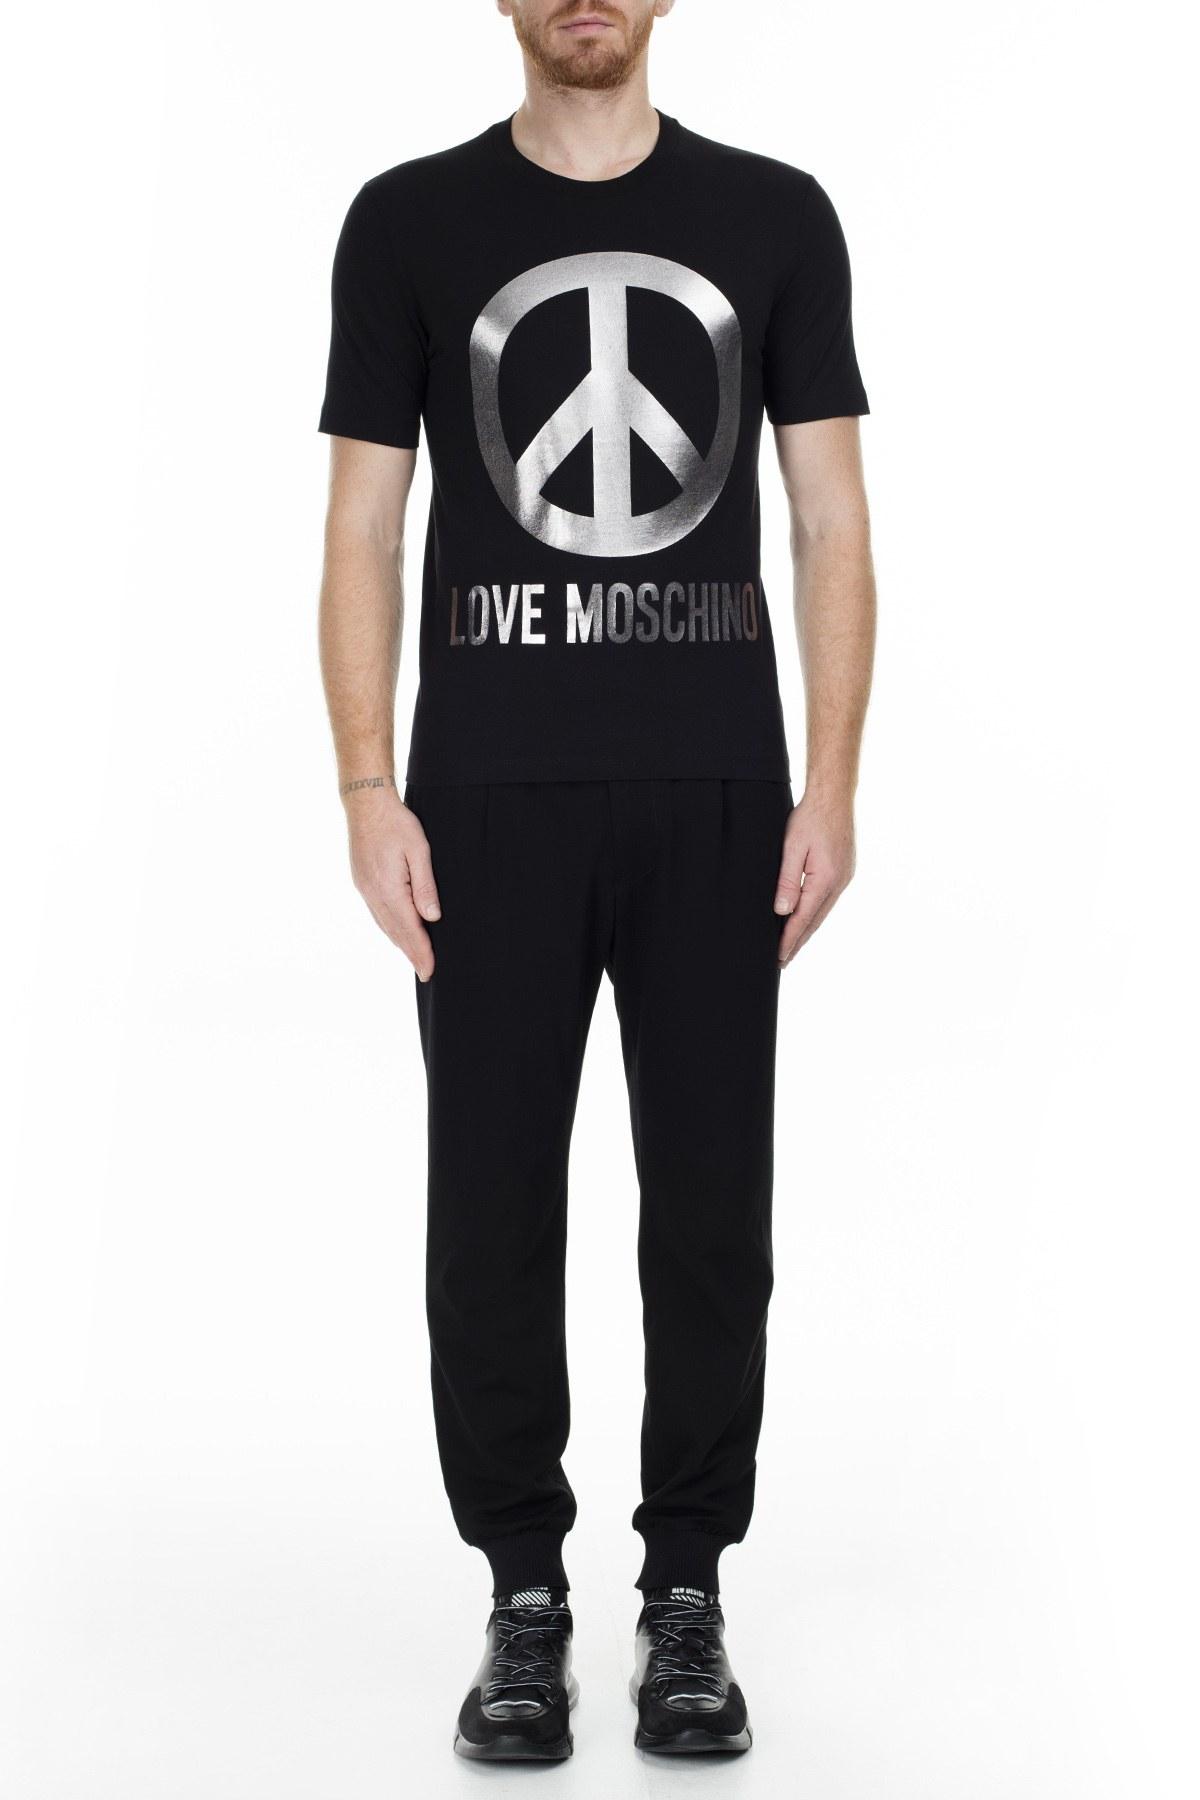 Love Moschino Erkek T Shirt S M47322YM3876 C74 SİYAH